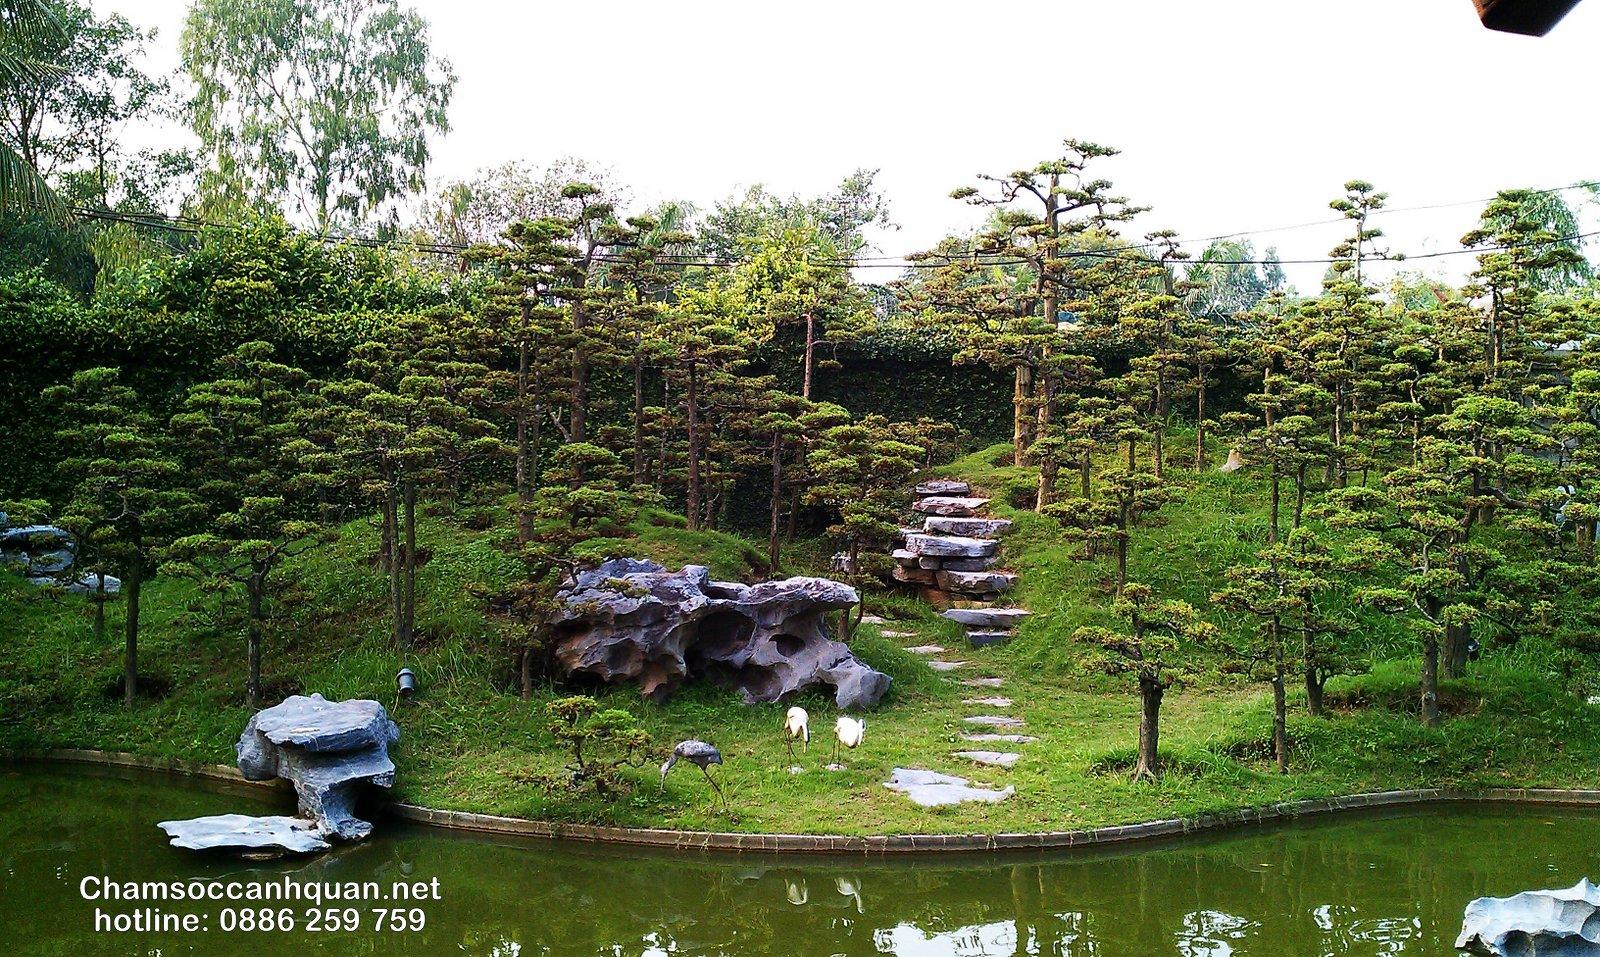 Đồi tùng và hồ nước là điểm nhấn trong sân vườn Sóc sơn